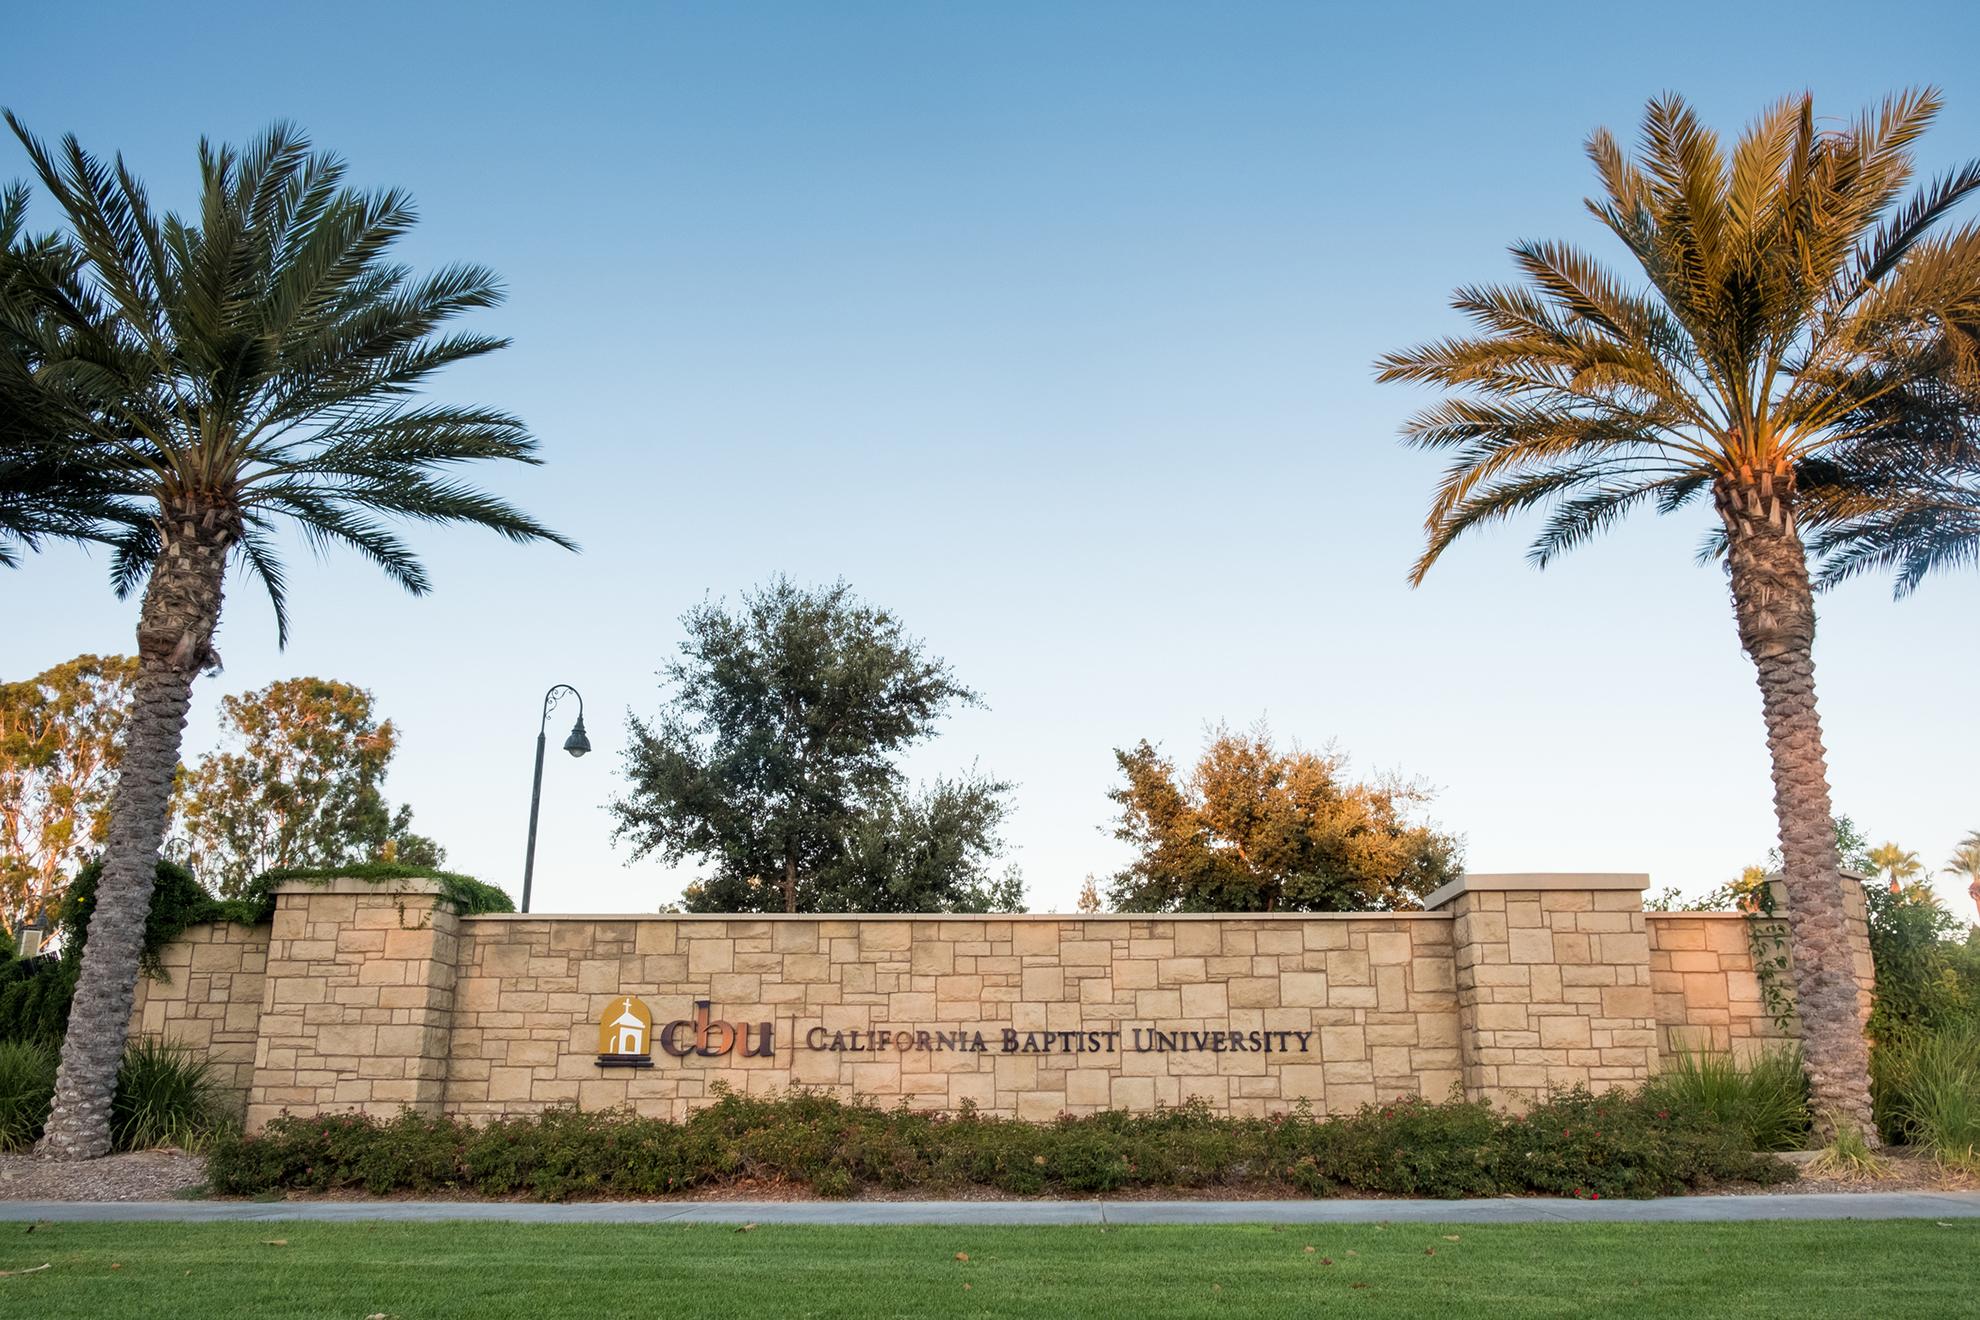 Fall 2017 enrollment continues record trend at CBU